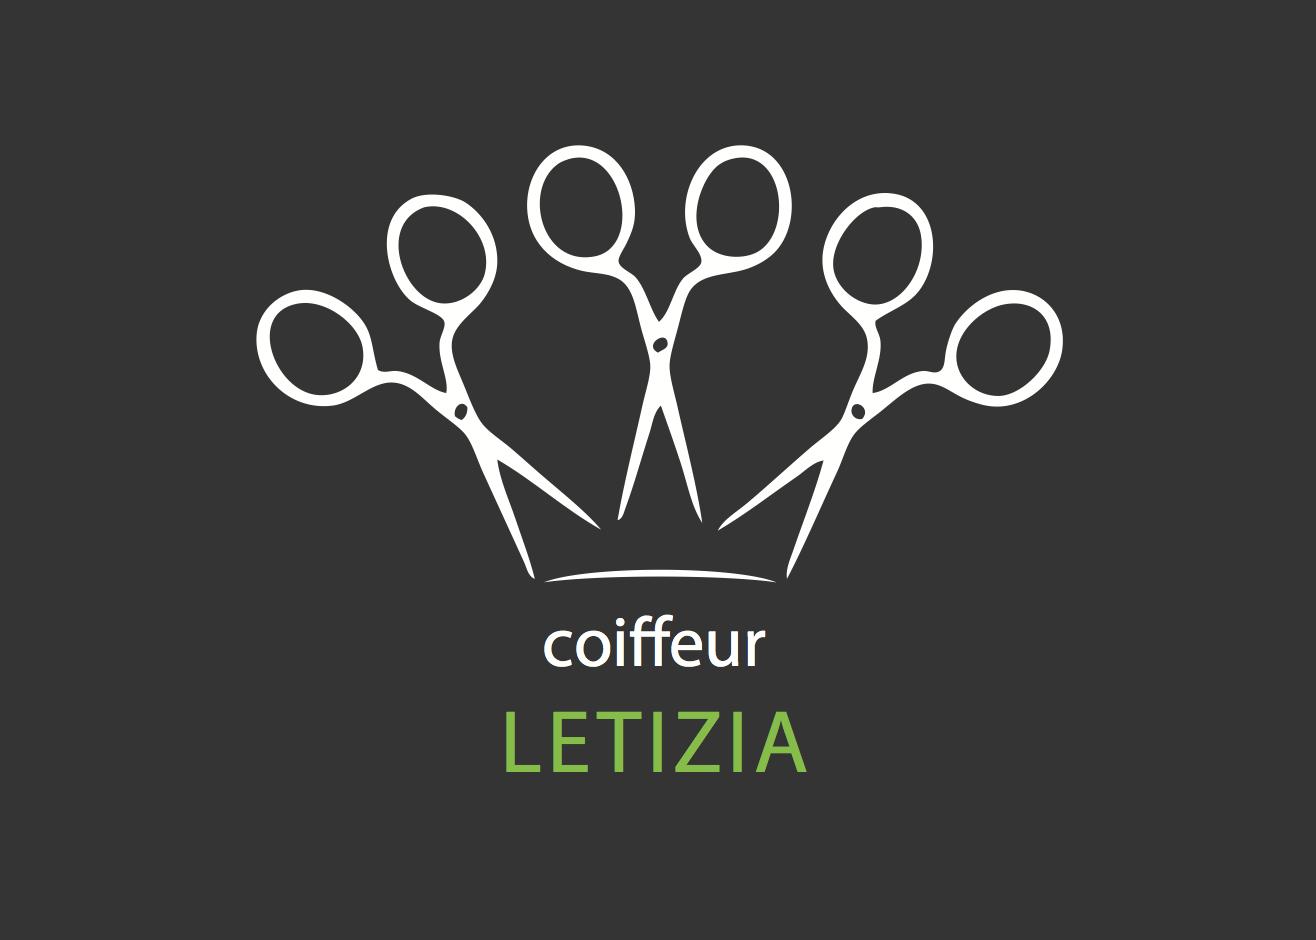 Coiffeur Letizia